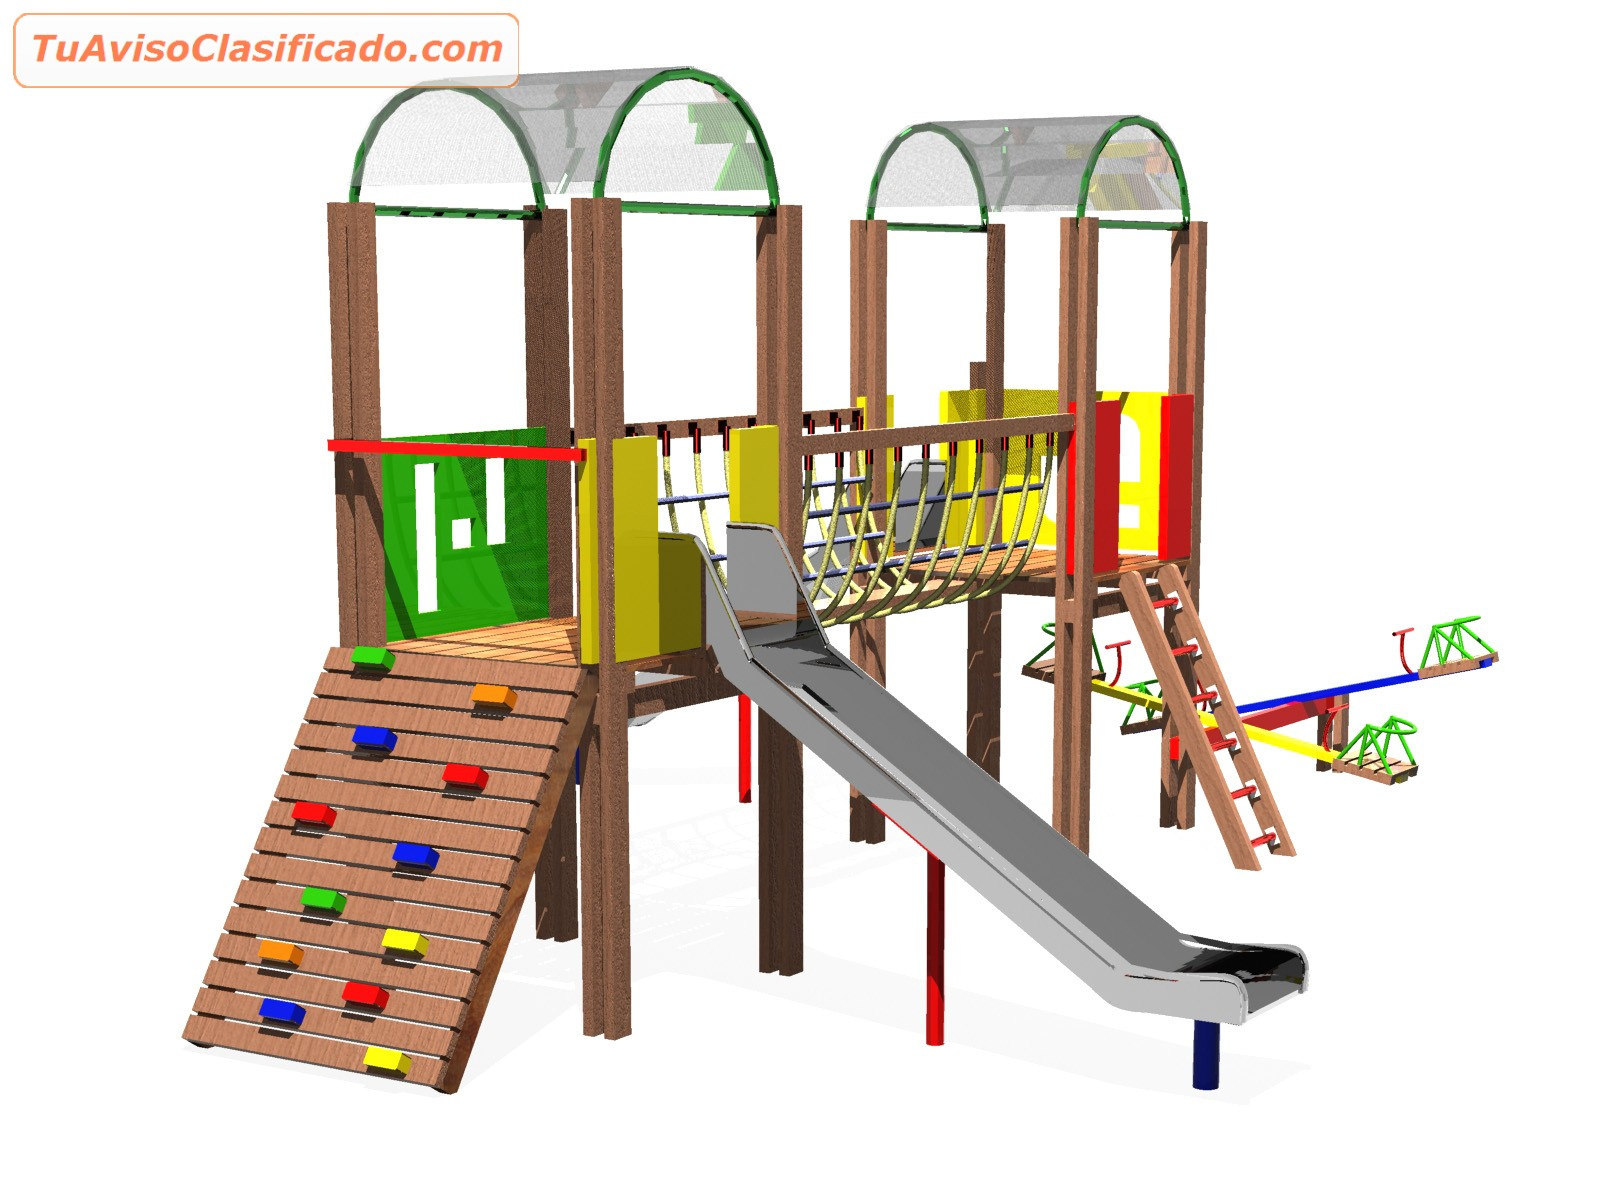 Parques infantiles para ni os en madera y metal brincoo juegos y for Juegos para jardin nios